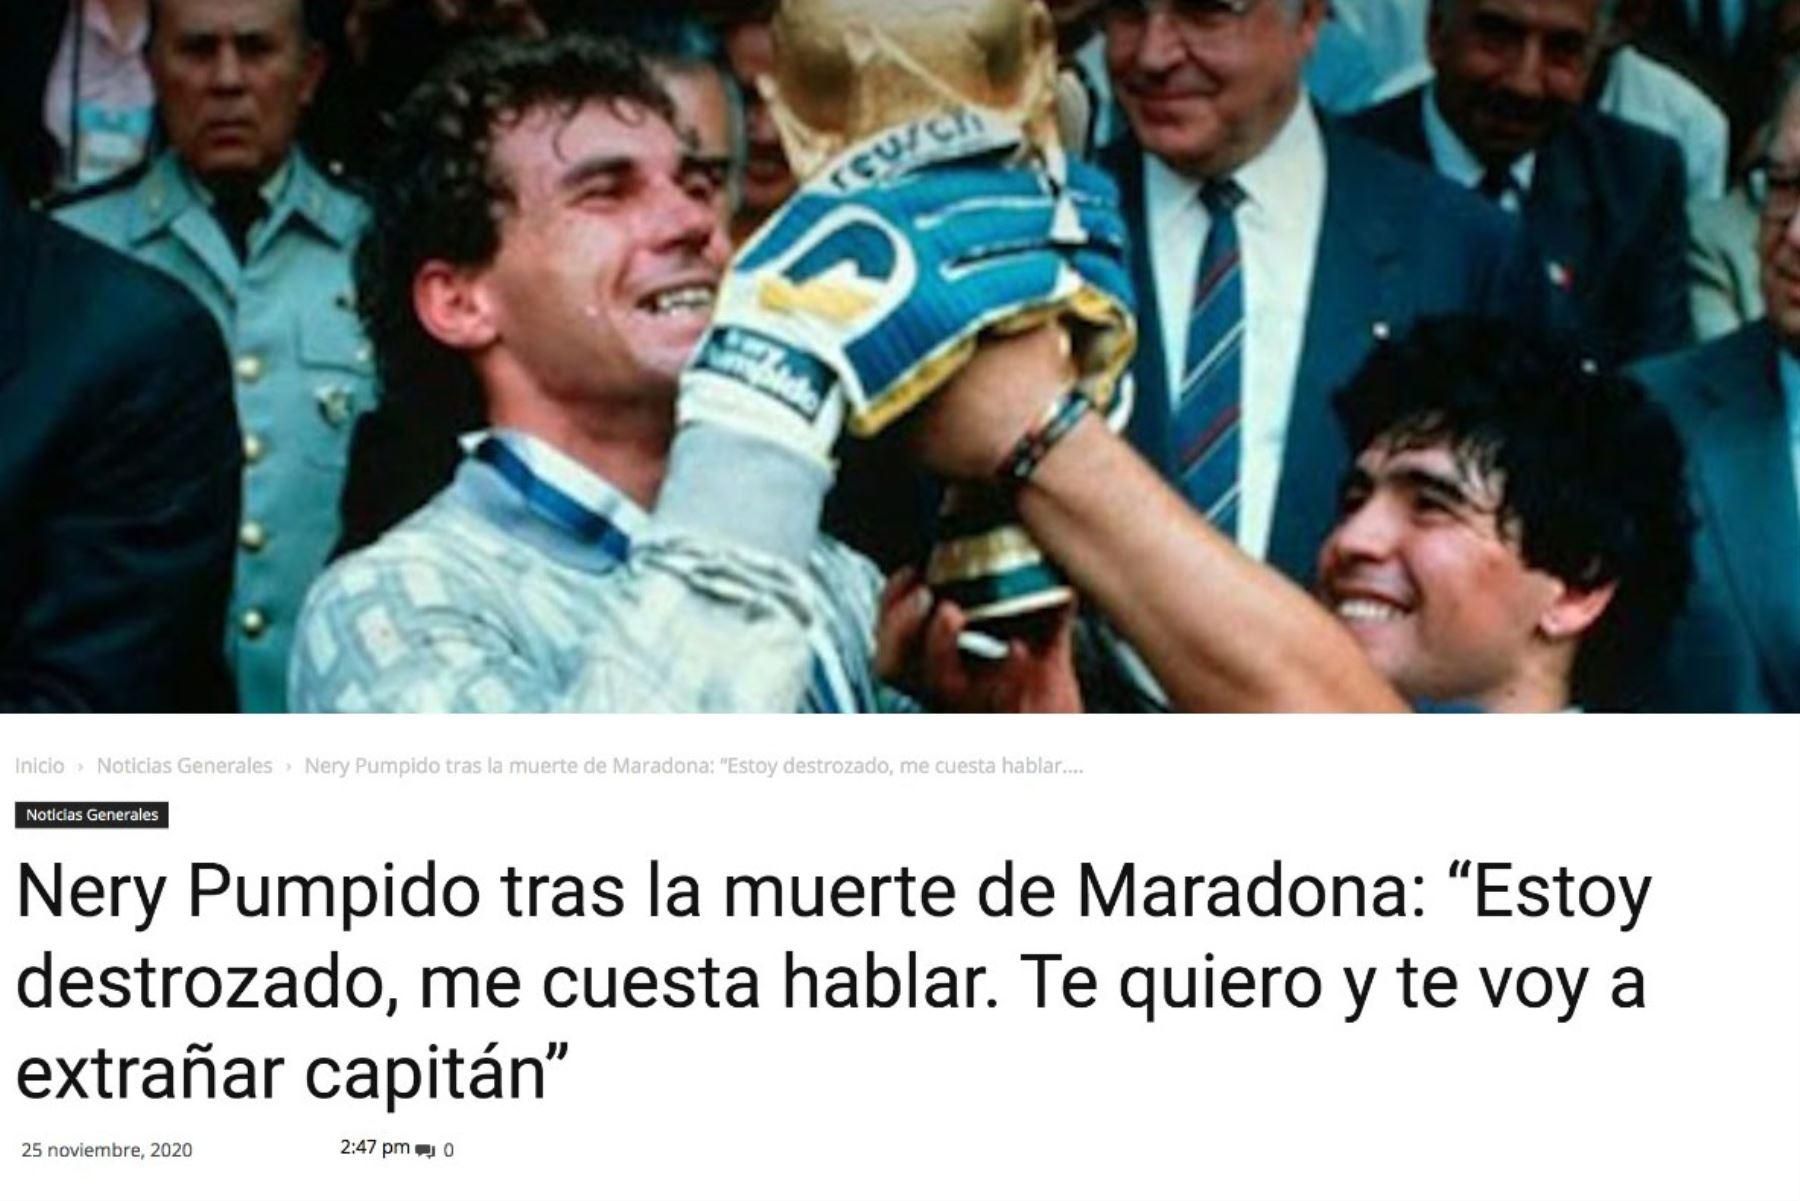 Nery Pumpido, ex futbolista y compañero de Diego Armando Maradona, manifiesta su tristeza , tras la muerte de Maradona. Foto: Difusión